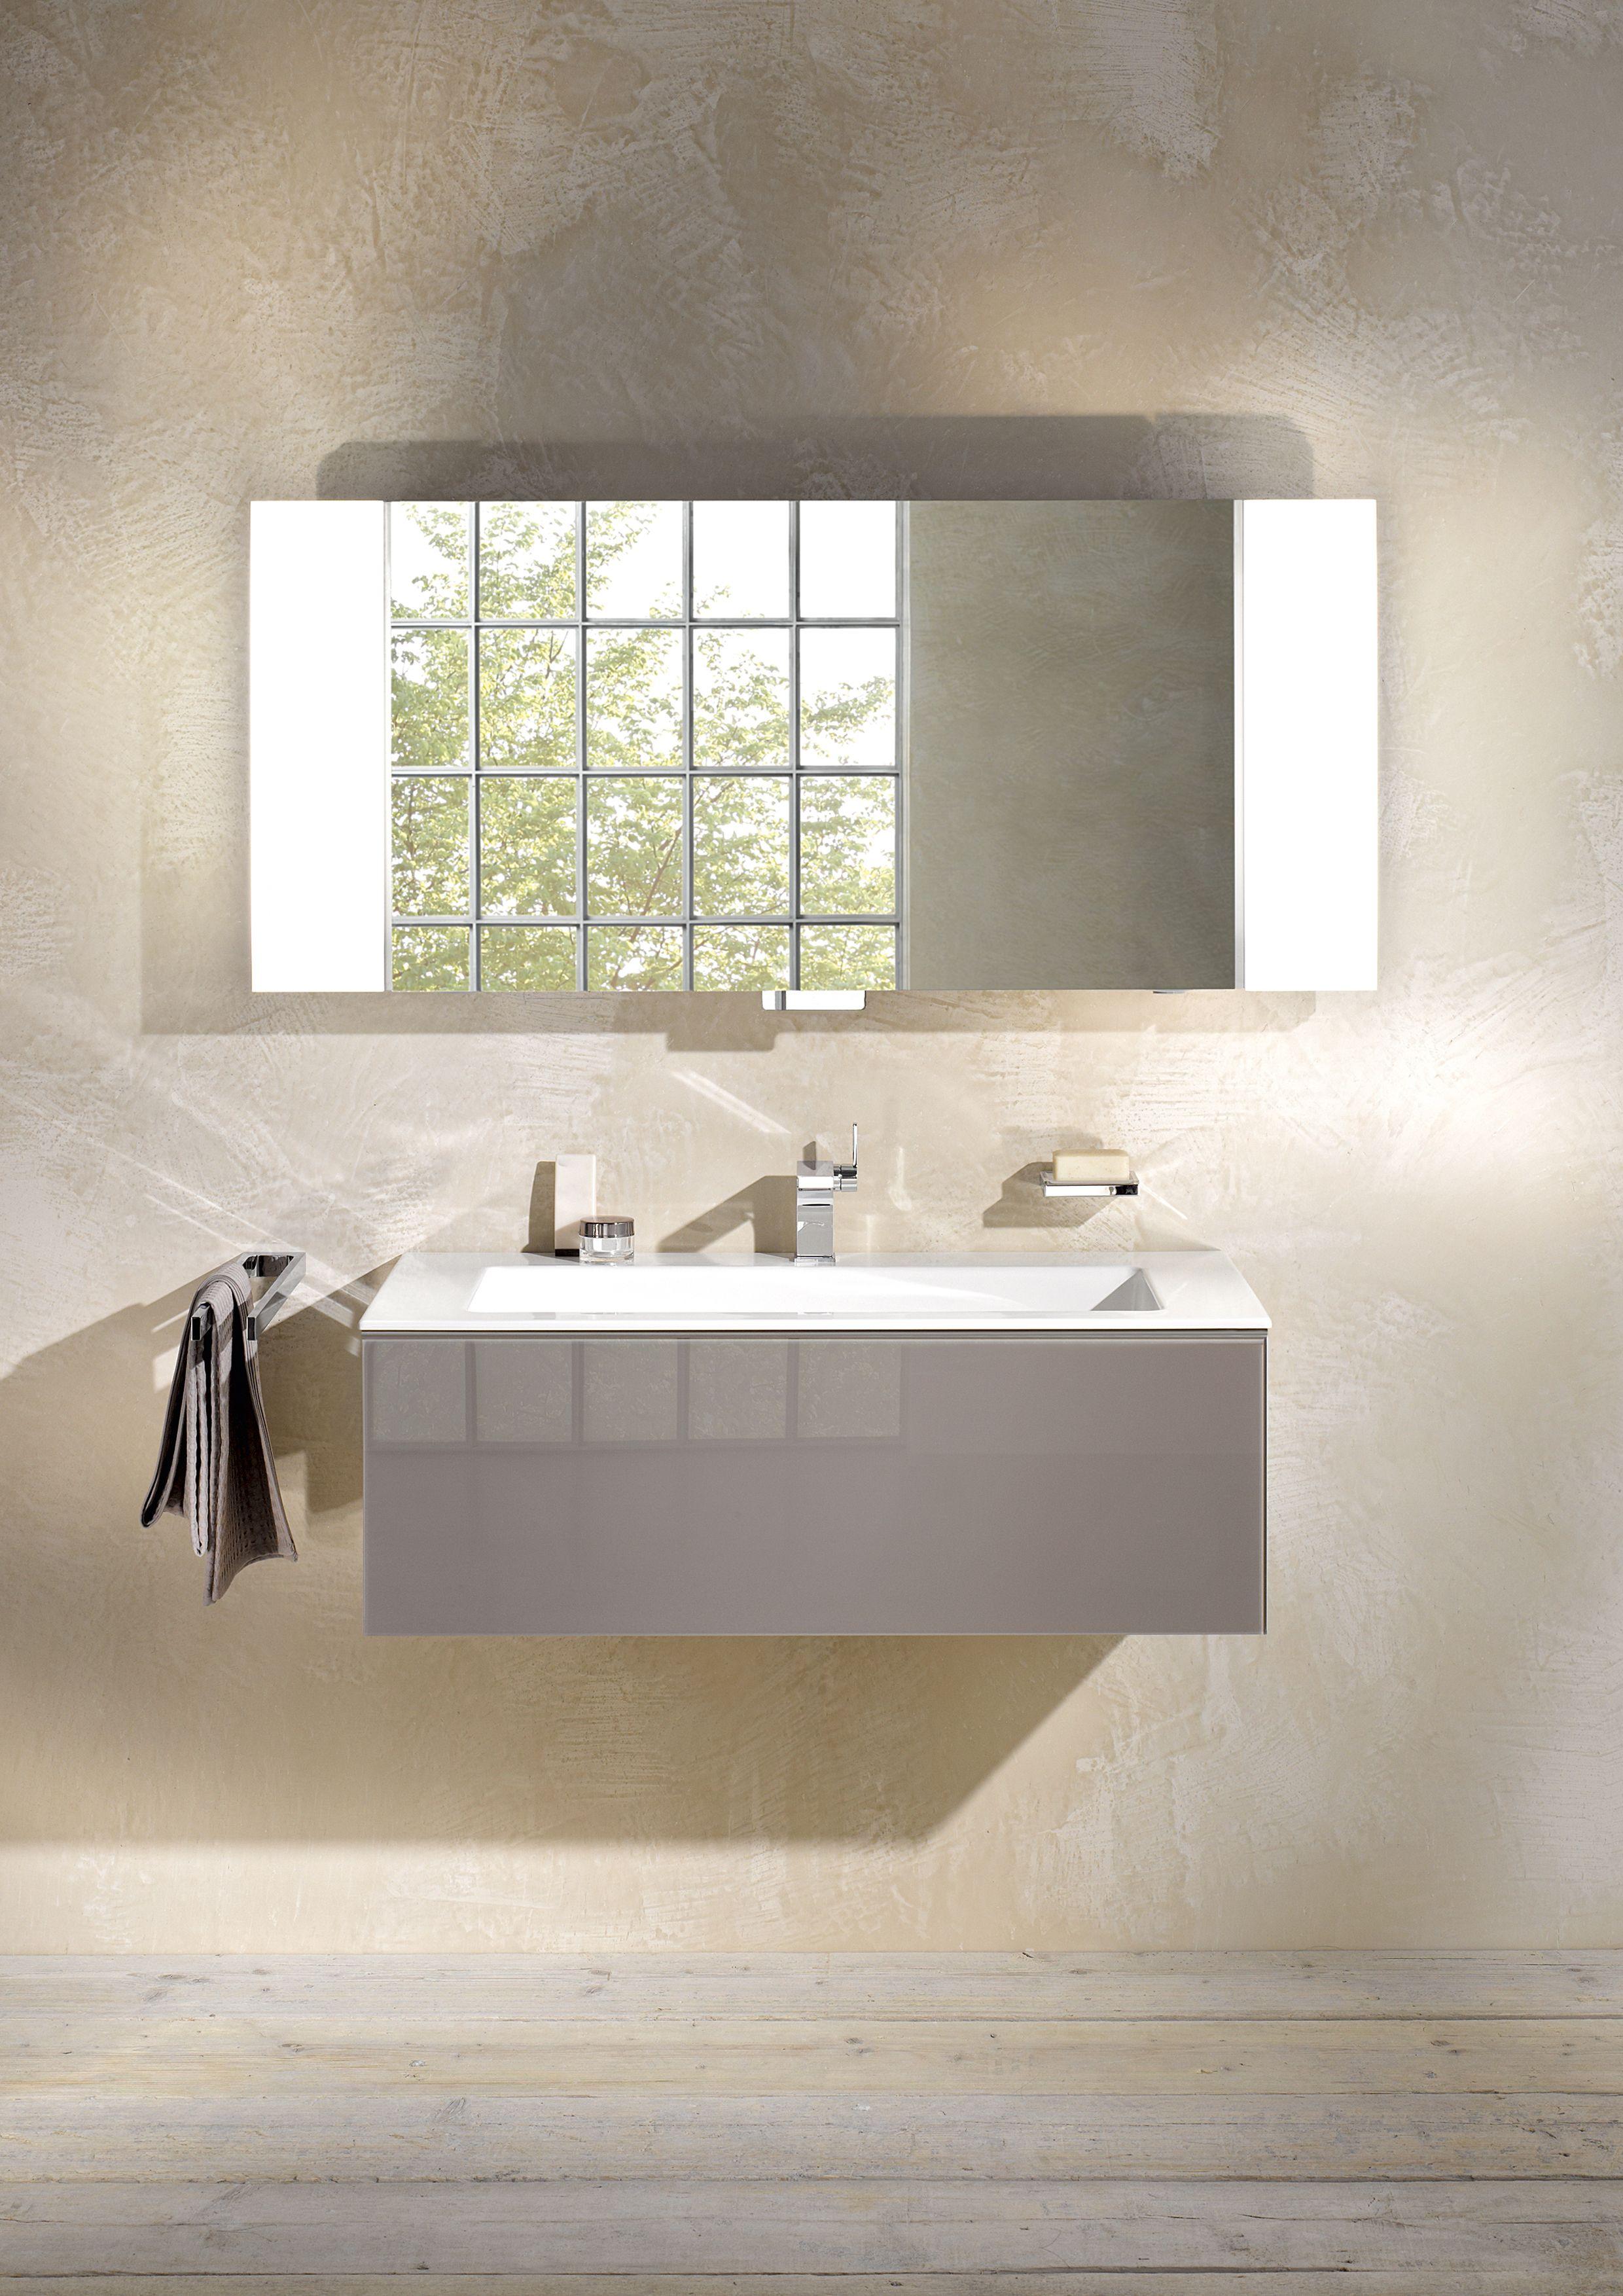 EDITION 11 bathroom architecture keuco design